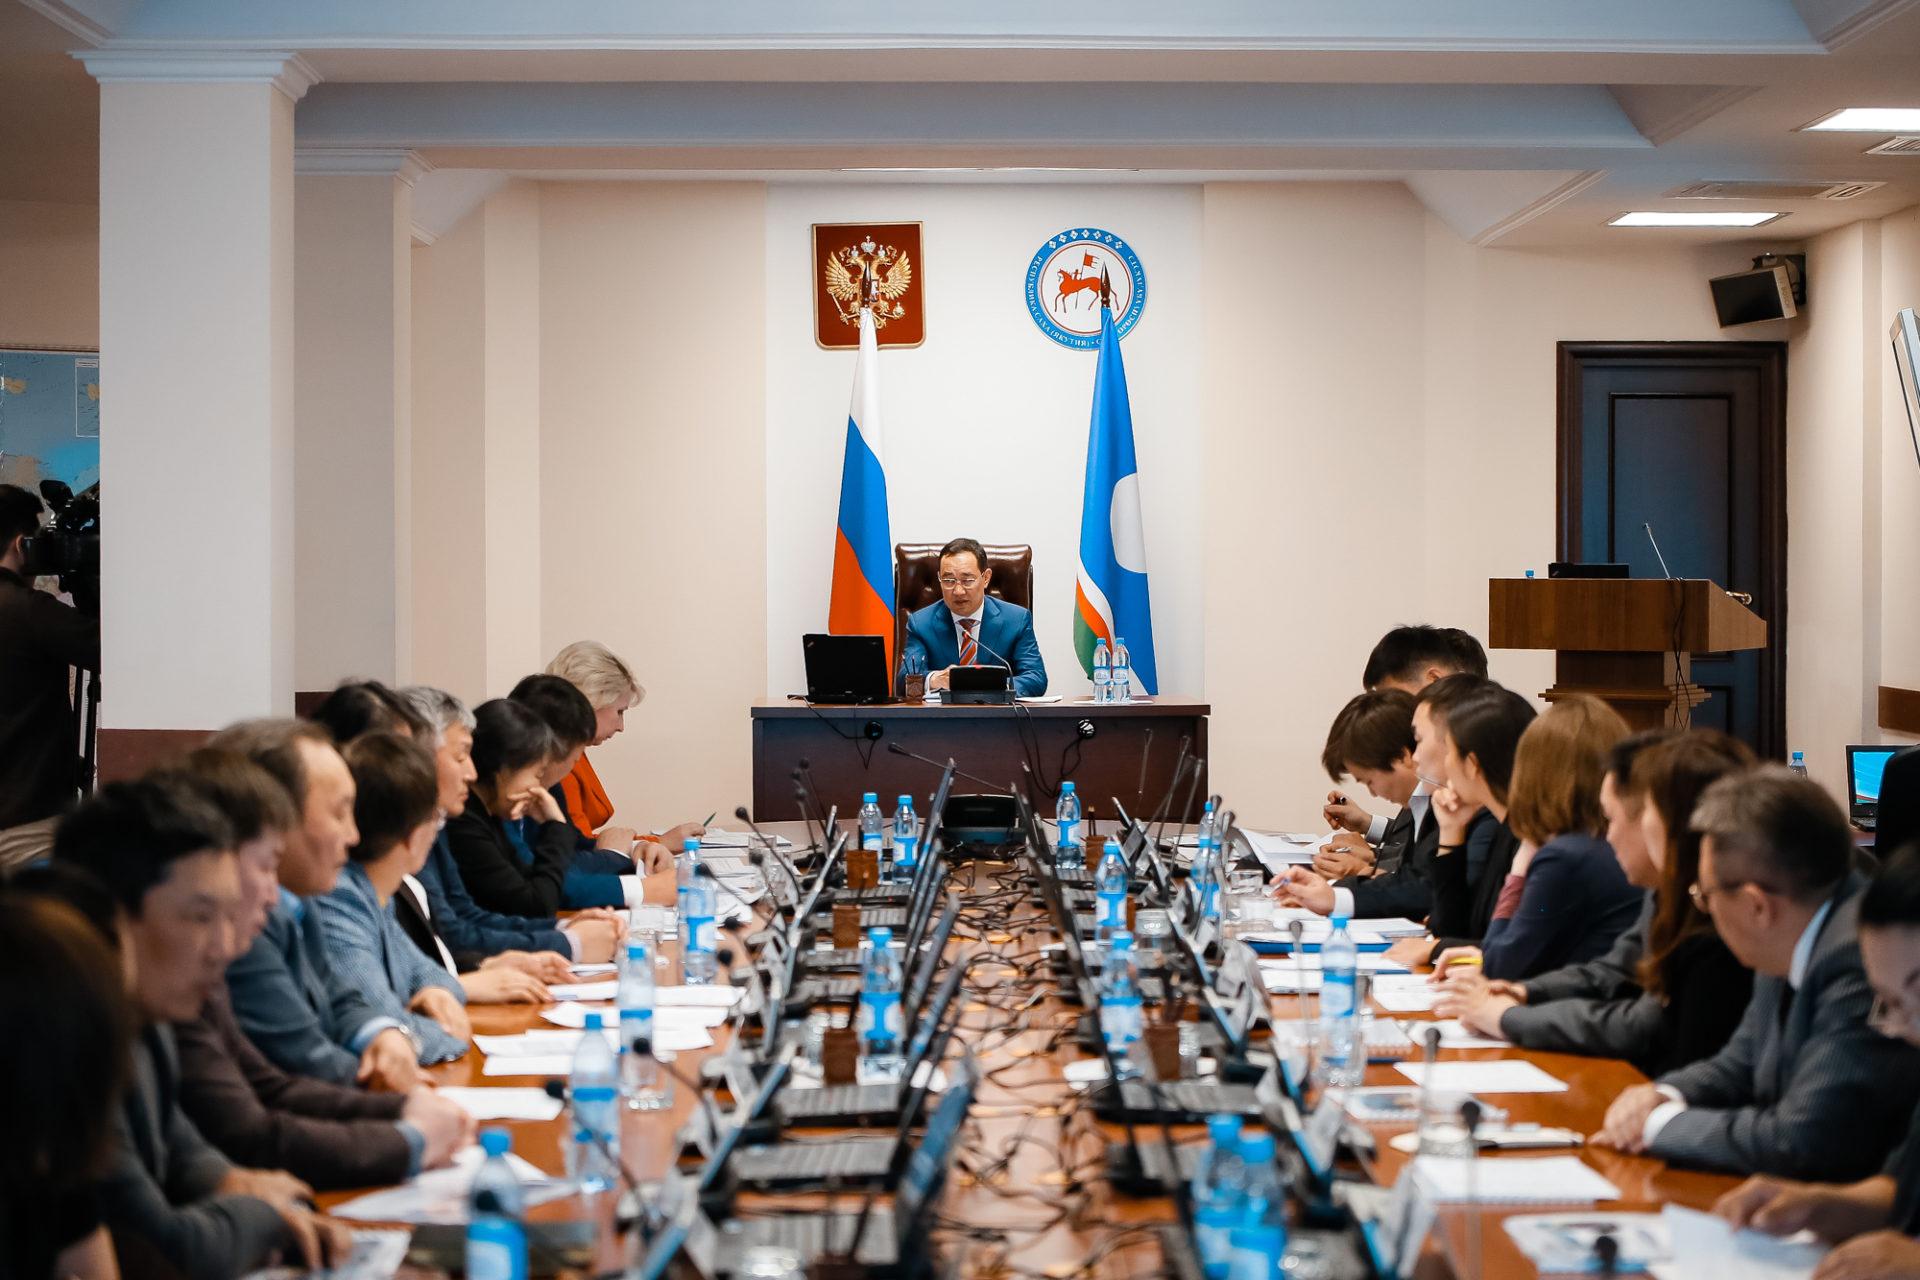 Ежегодно в республике на поддержку кинопроизводства будет выделяться не менее 80 млн. рублей